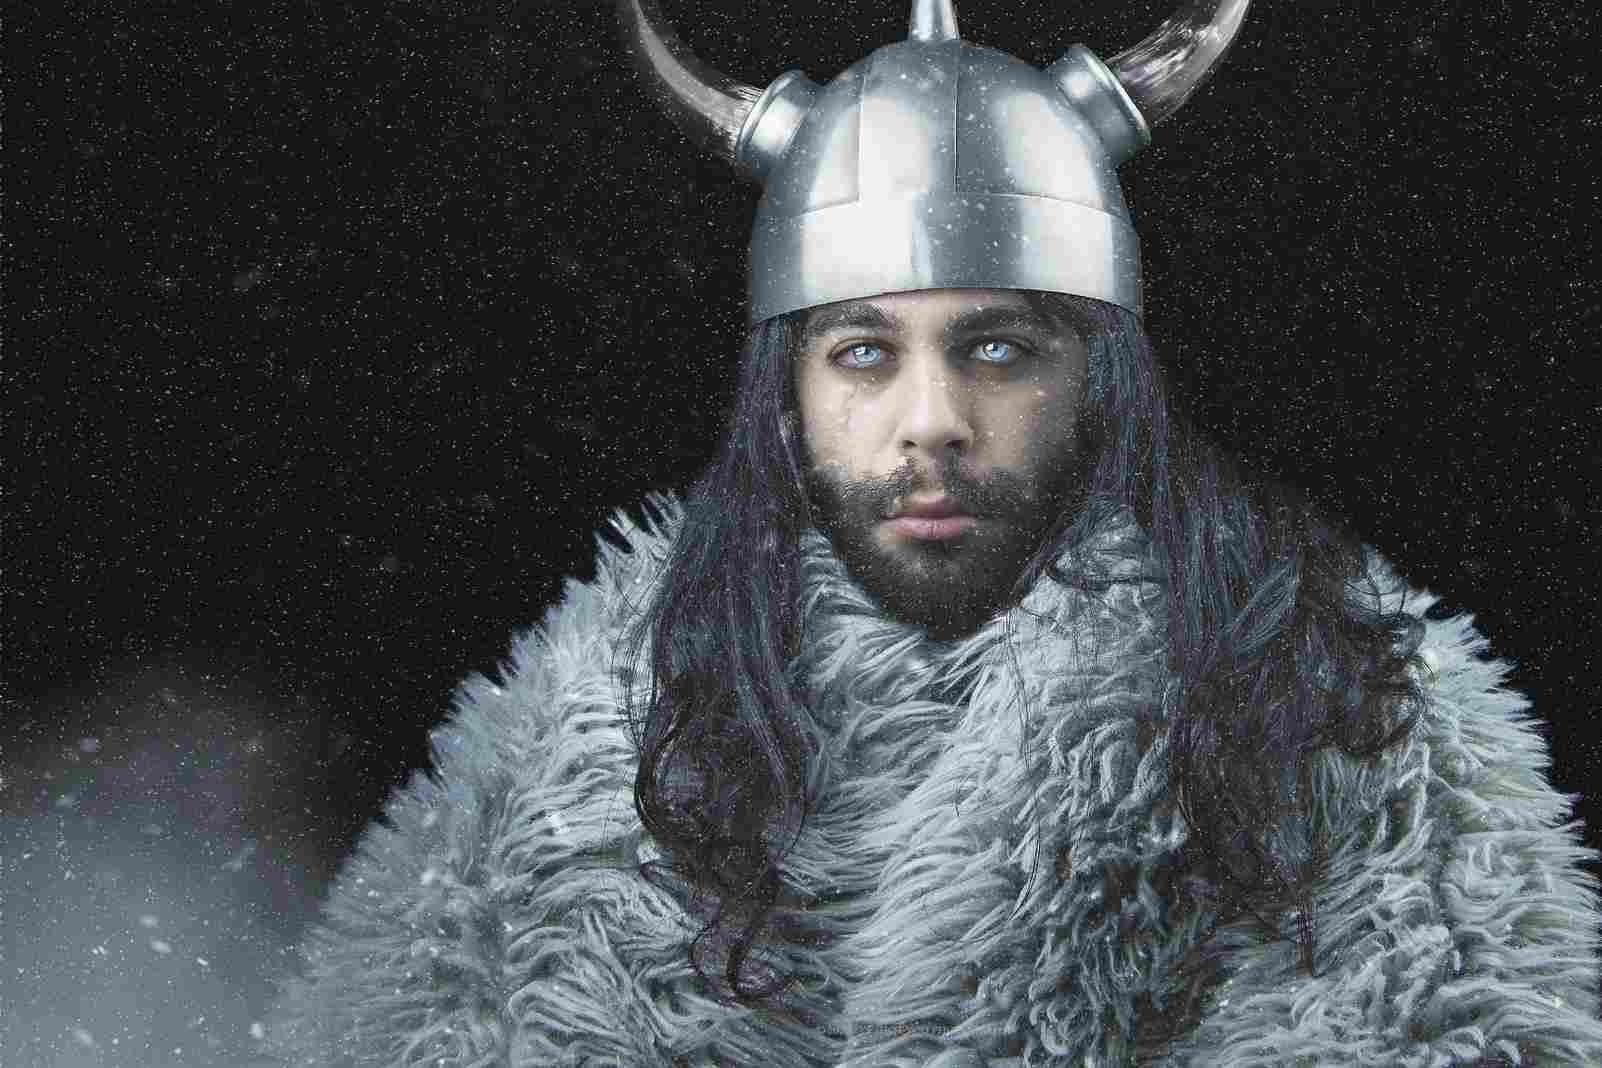 Un personaje vikingo vestido con el ropaje tradicional en medio de la nieve